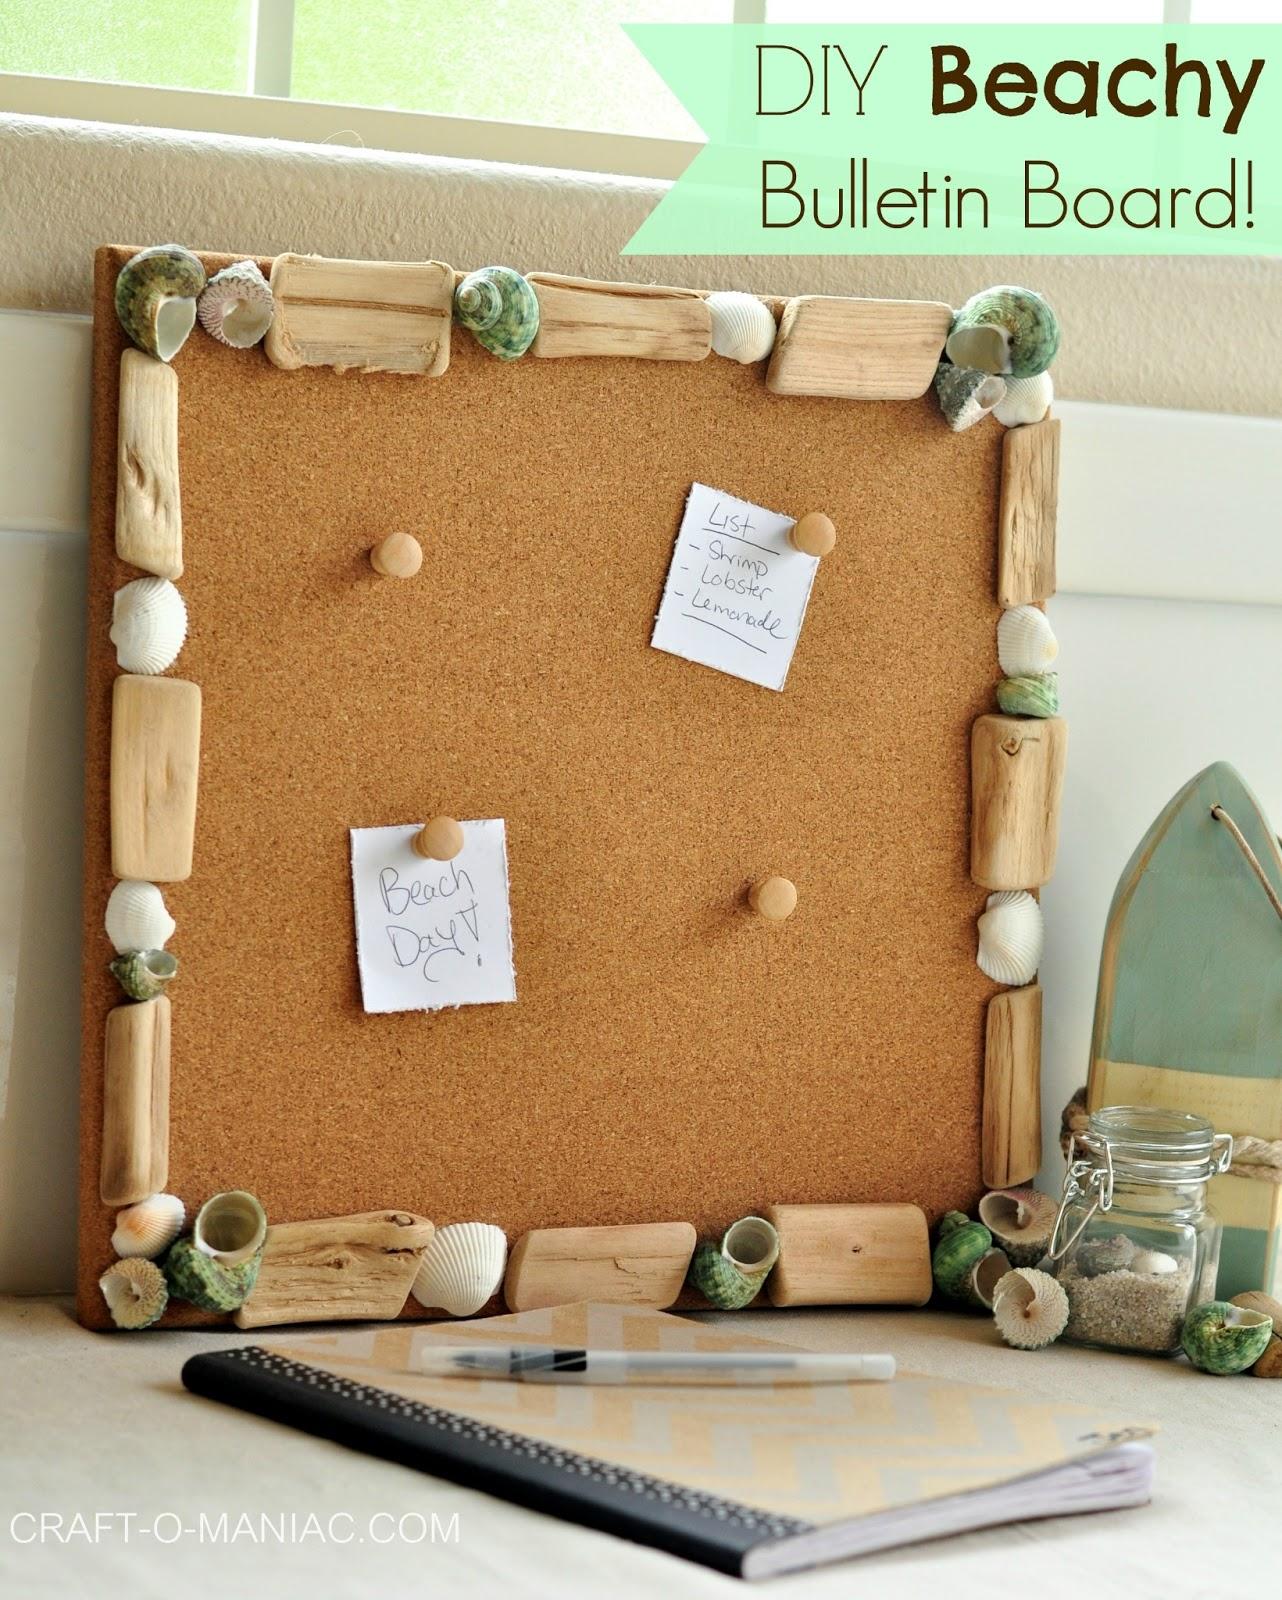 Diy Beachy Bulletin Board Craft O Maniac